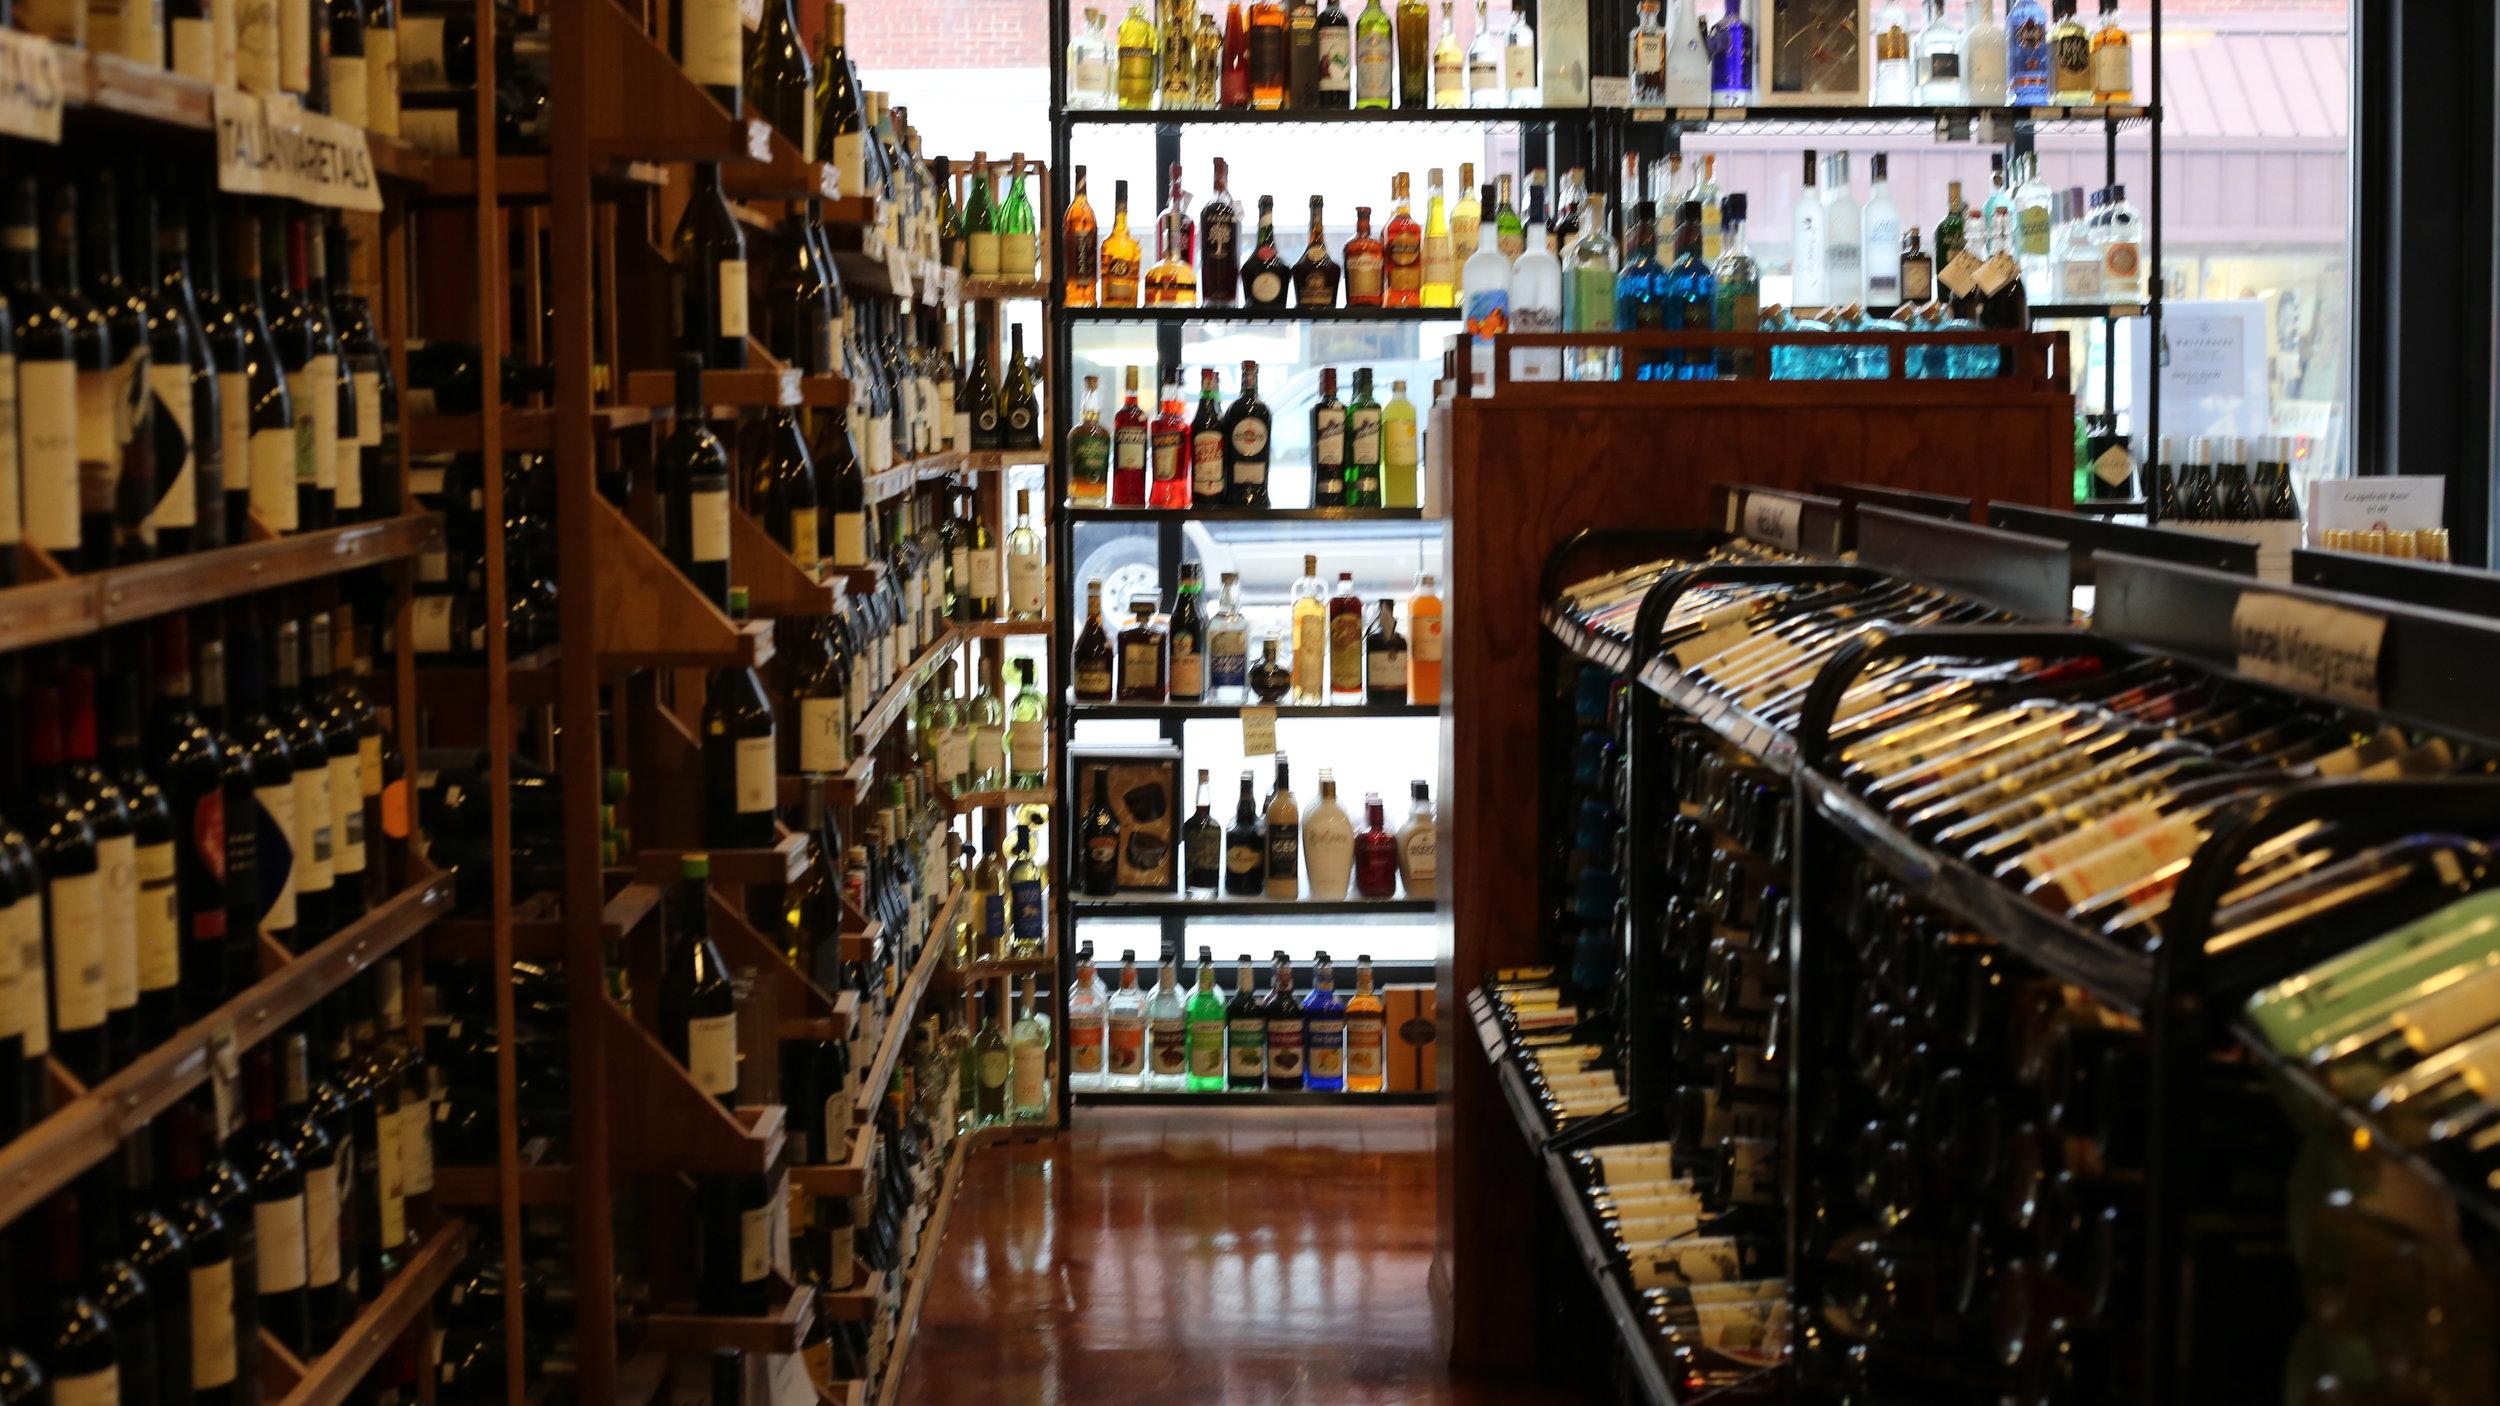 effingham-village-wine-and-spirits-19.jpg